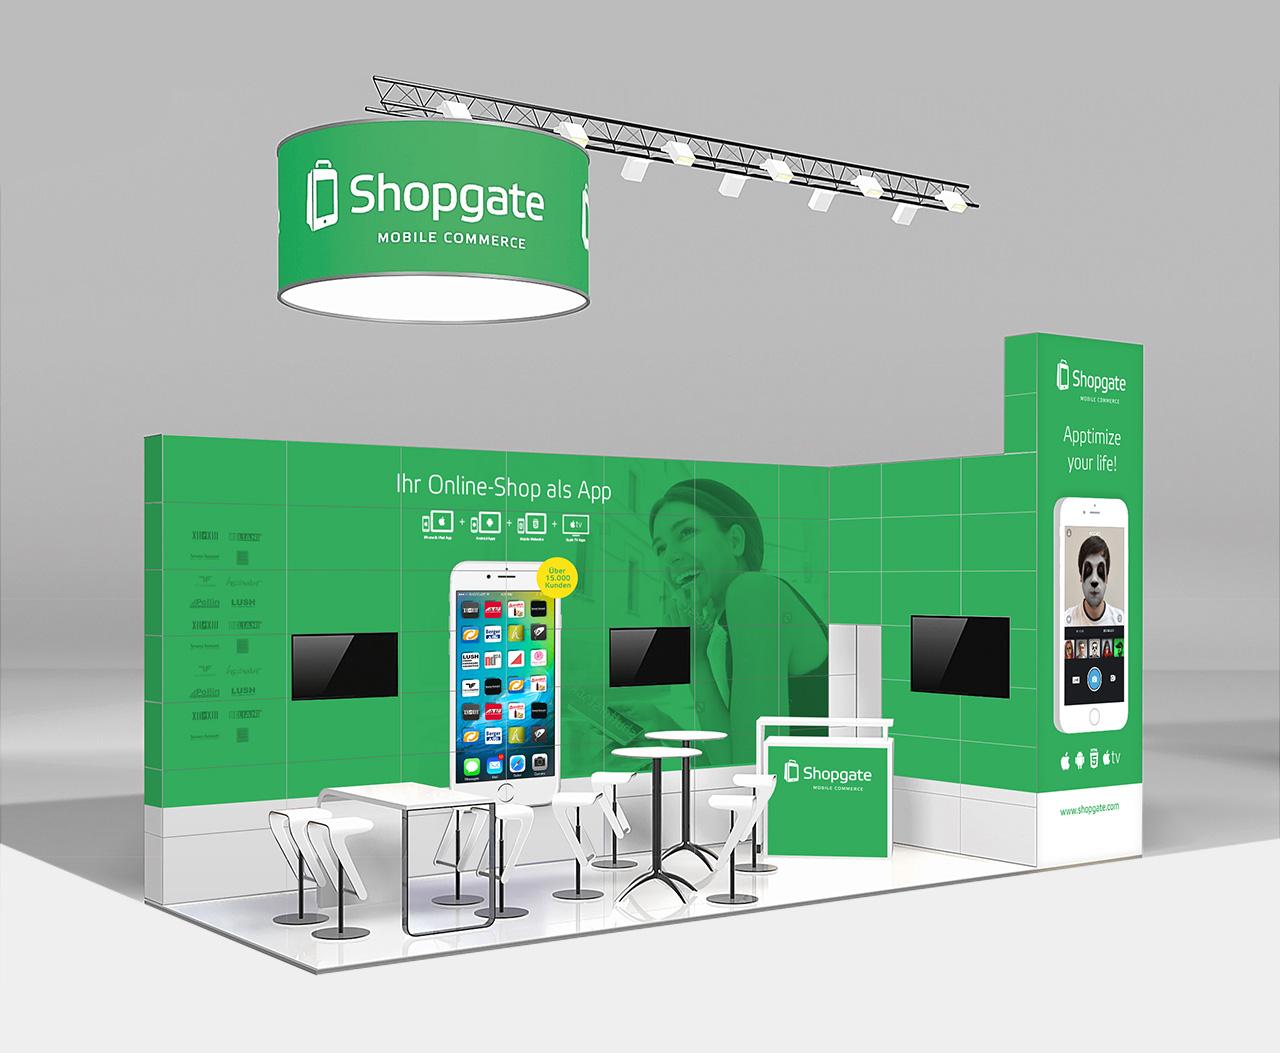 shopgate-screen-28